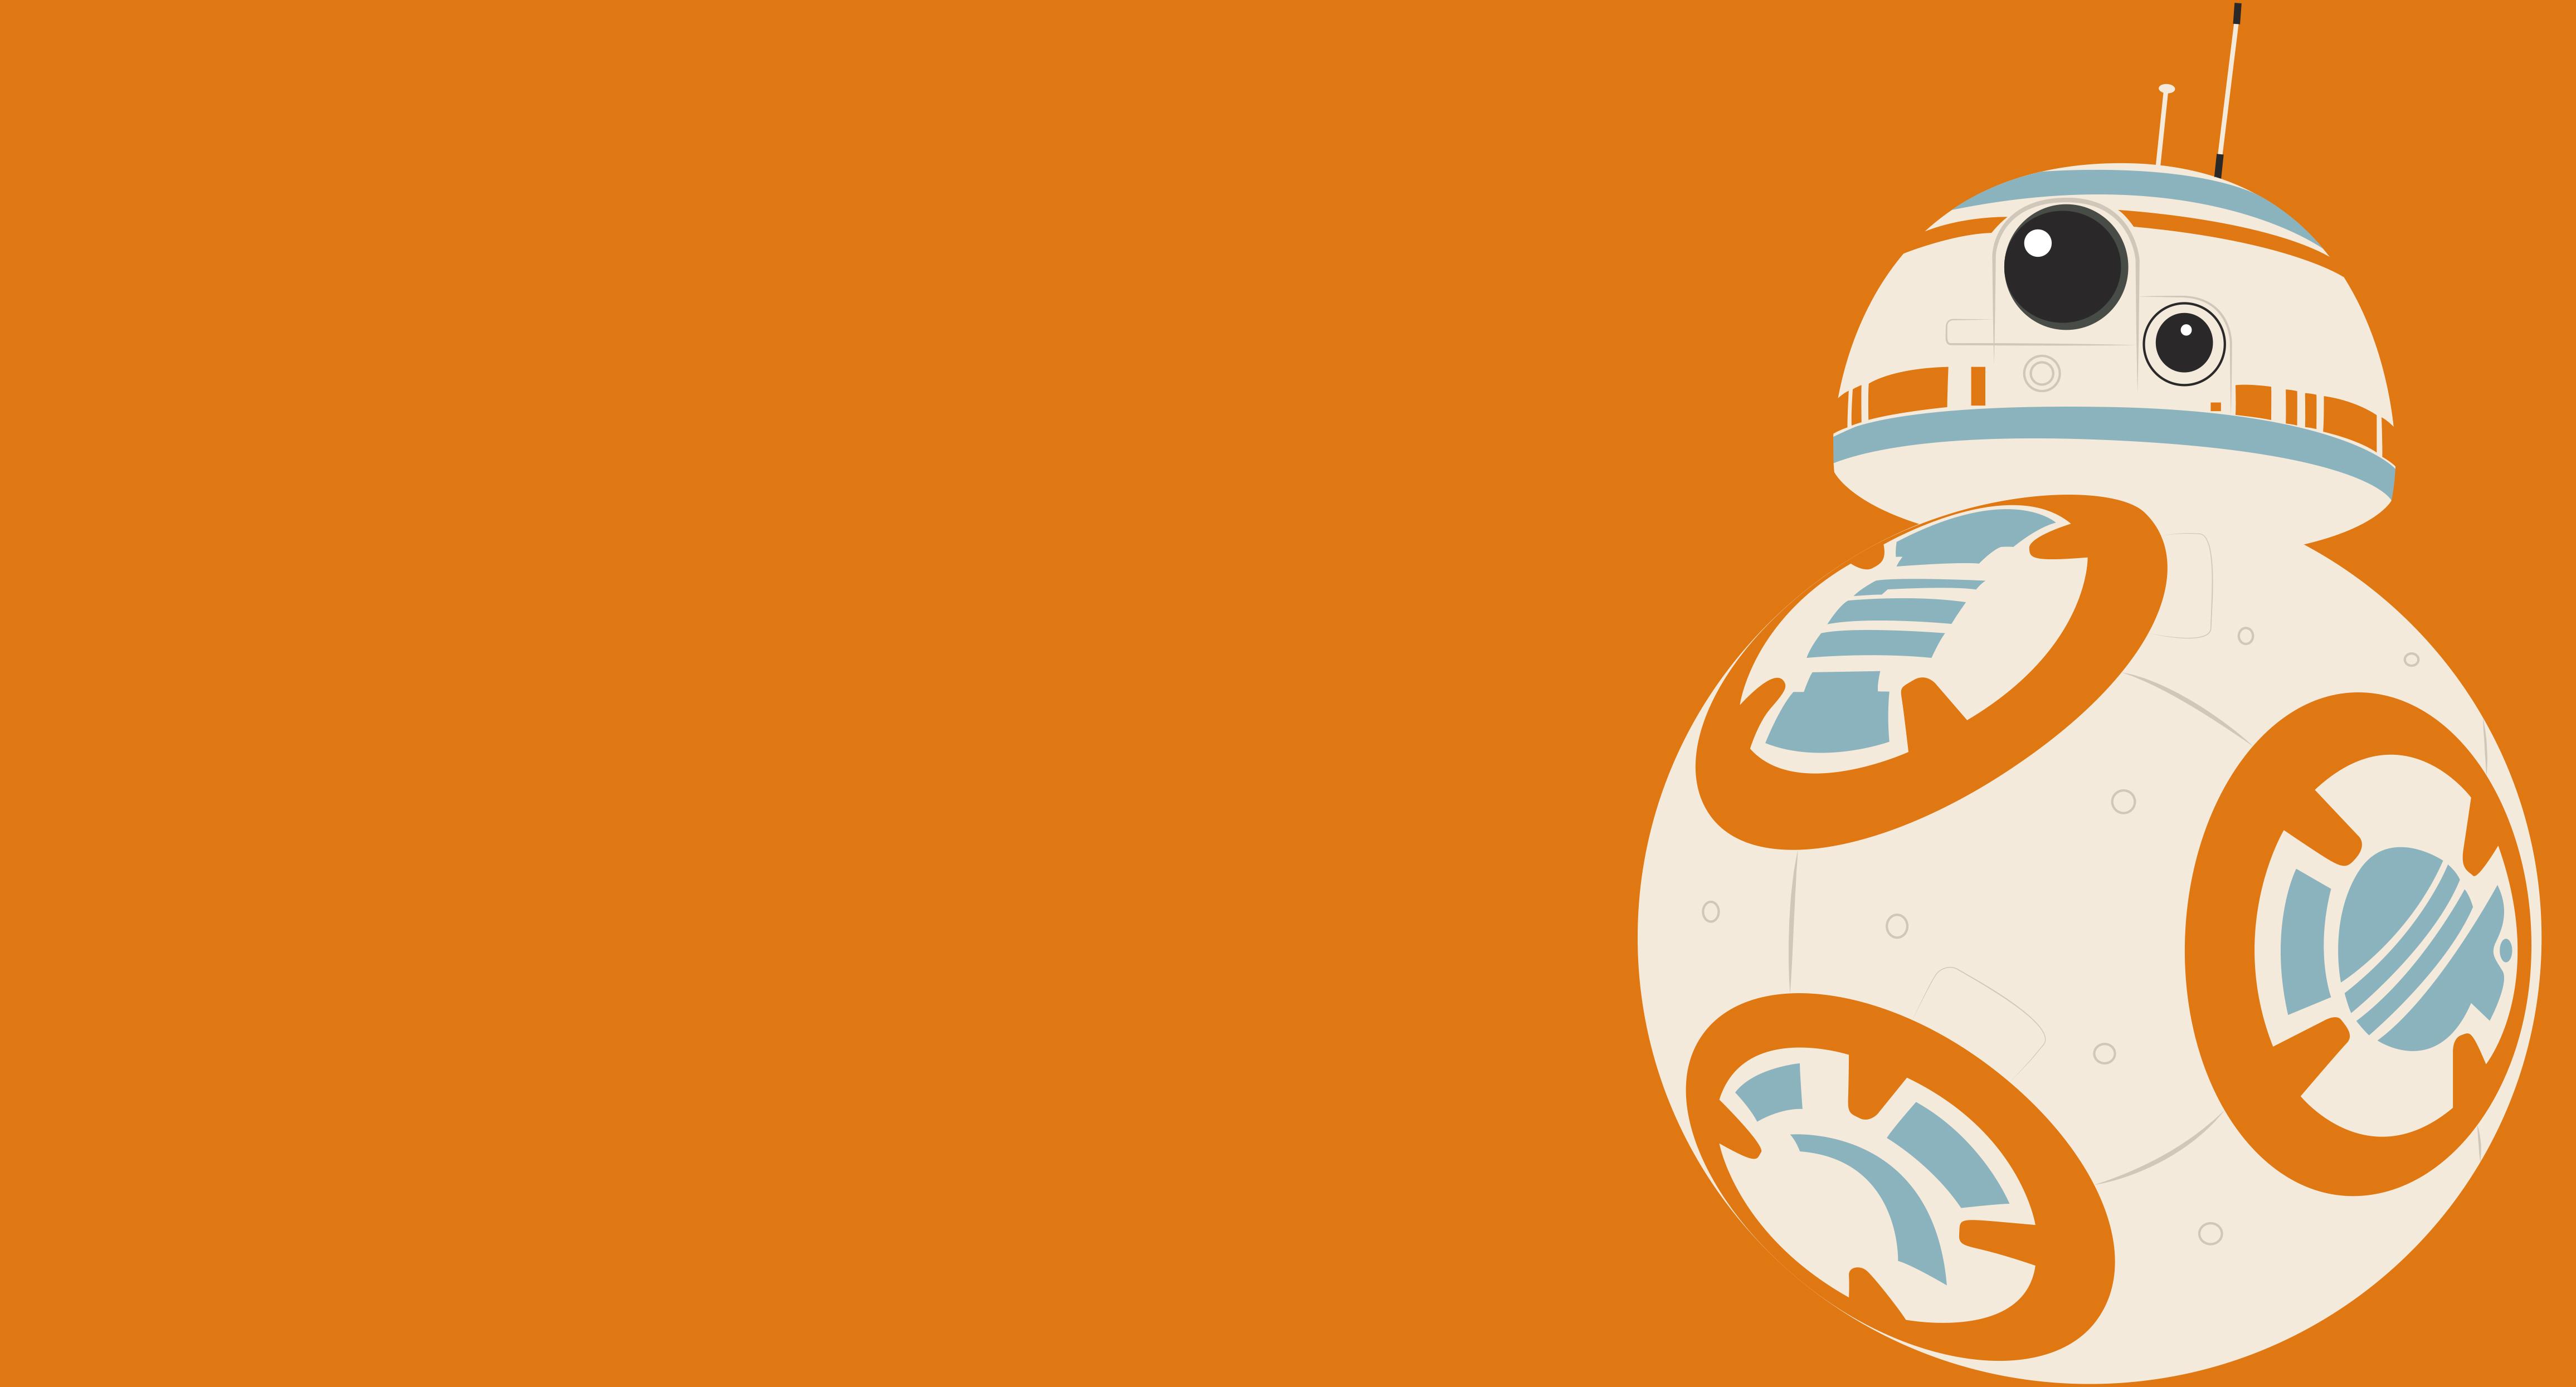 47] Star Wars BB8 Wallpaper on WallpaperSafari 4623x2490